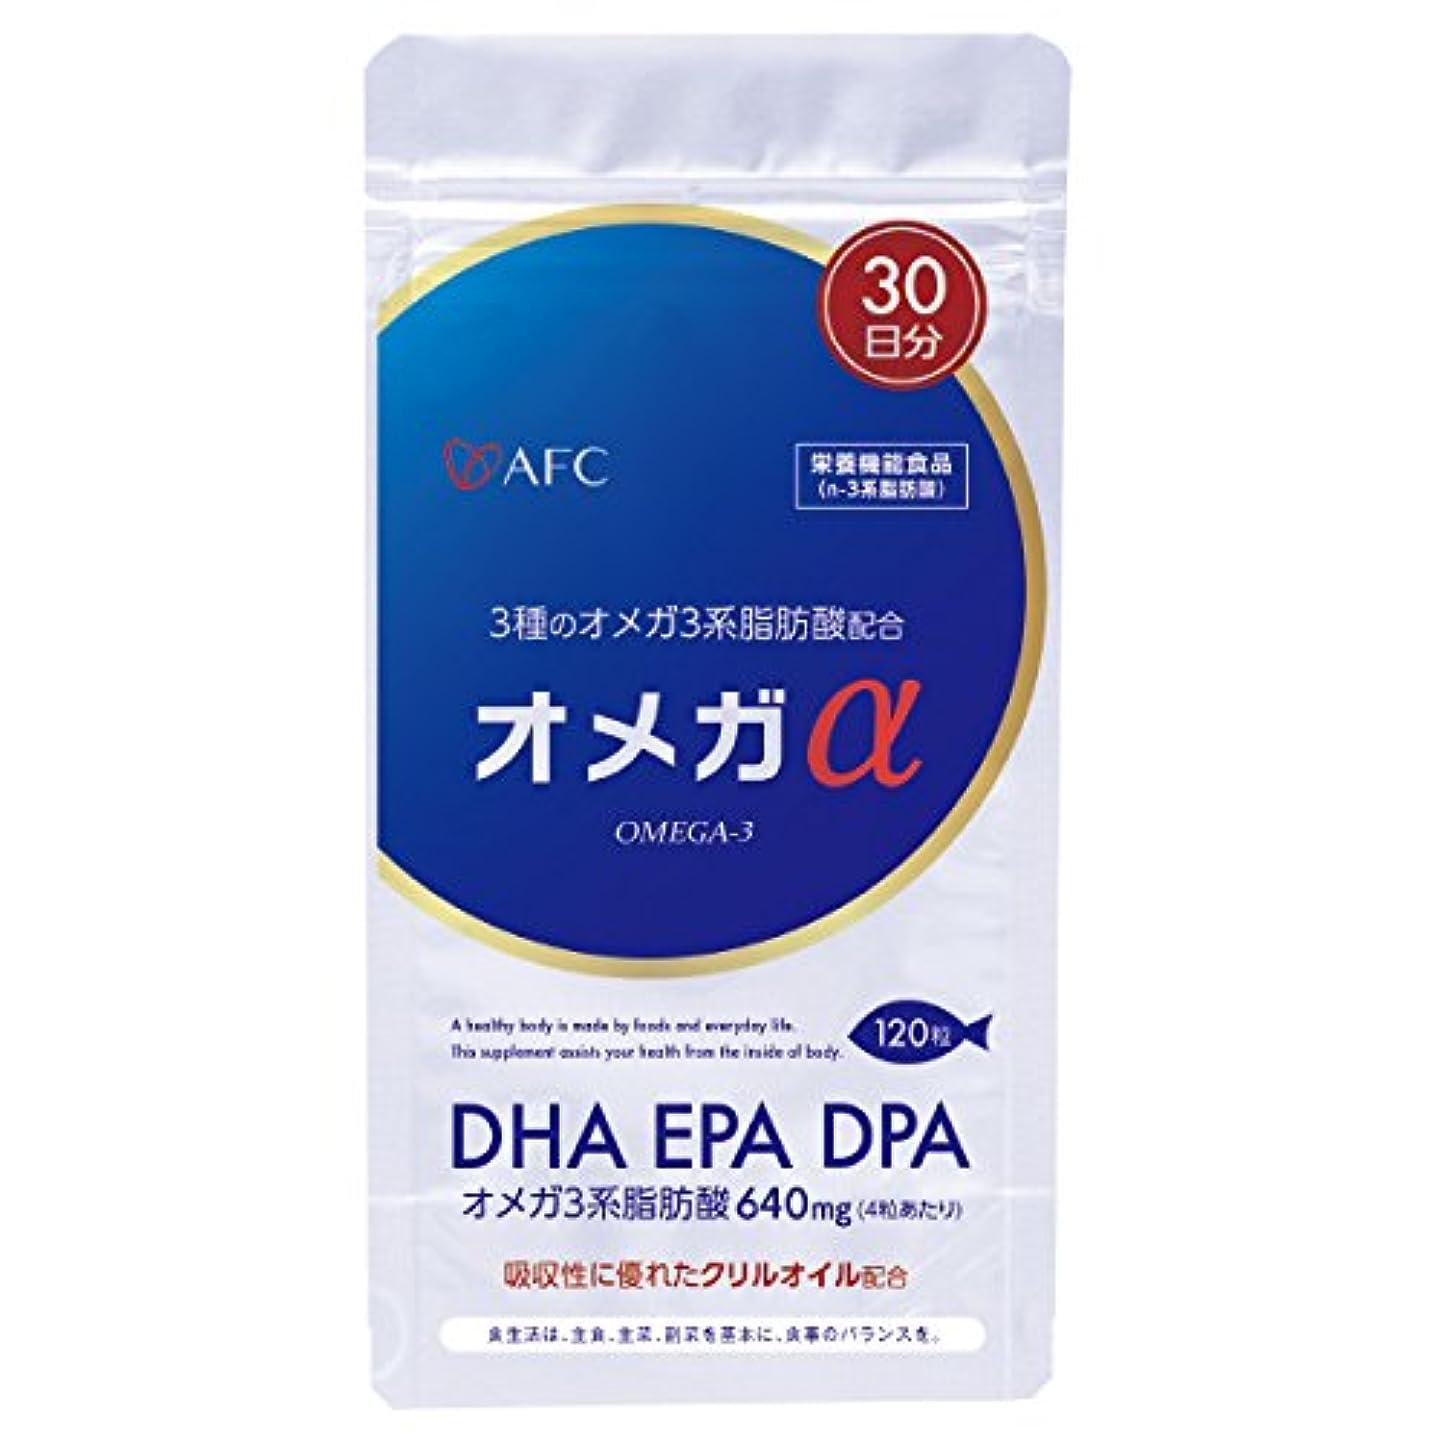 太いマッシュ適度に【AFC公式ショップ】30日分 オメガスリー オメガα (オメガ アルファ) ソフトカプセル DHA DPA EPA クリルオイル